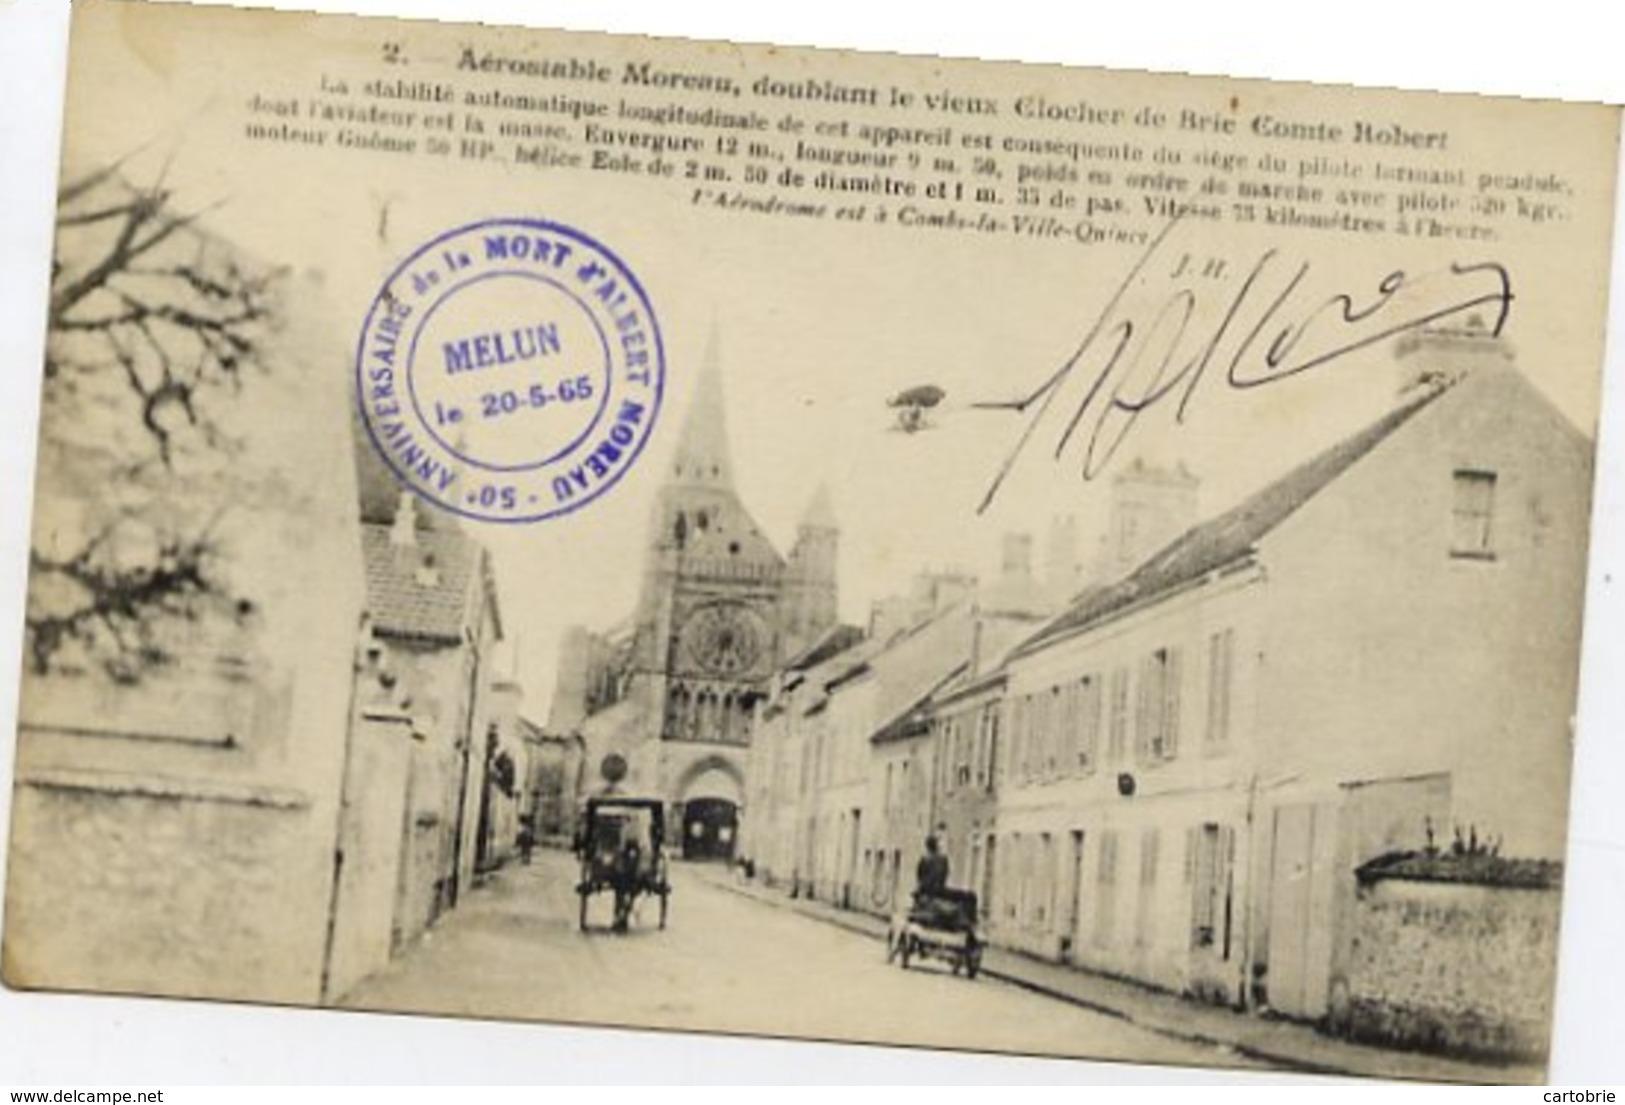 77 Aérostable Moreau, Doublant Le Vieux Clocher BRIE-COMTE-ROBERT - Cachet Anniversaire Mort Albert MOREAU - Aéro-Stable - Brie Comte Robert